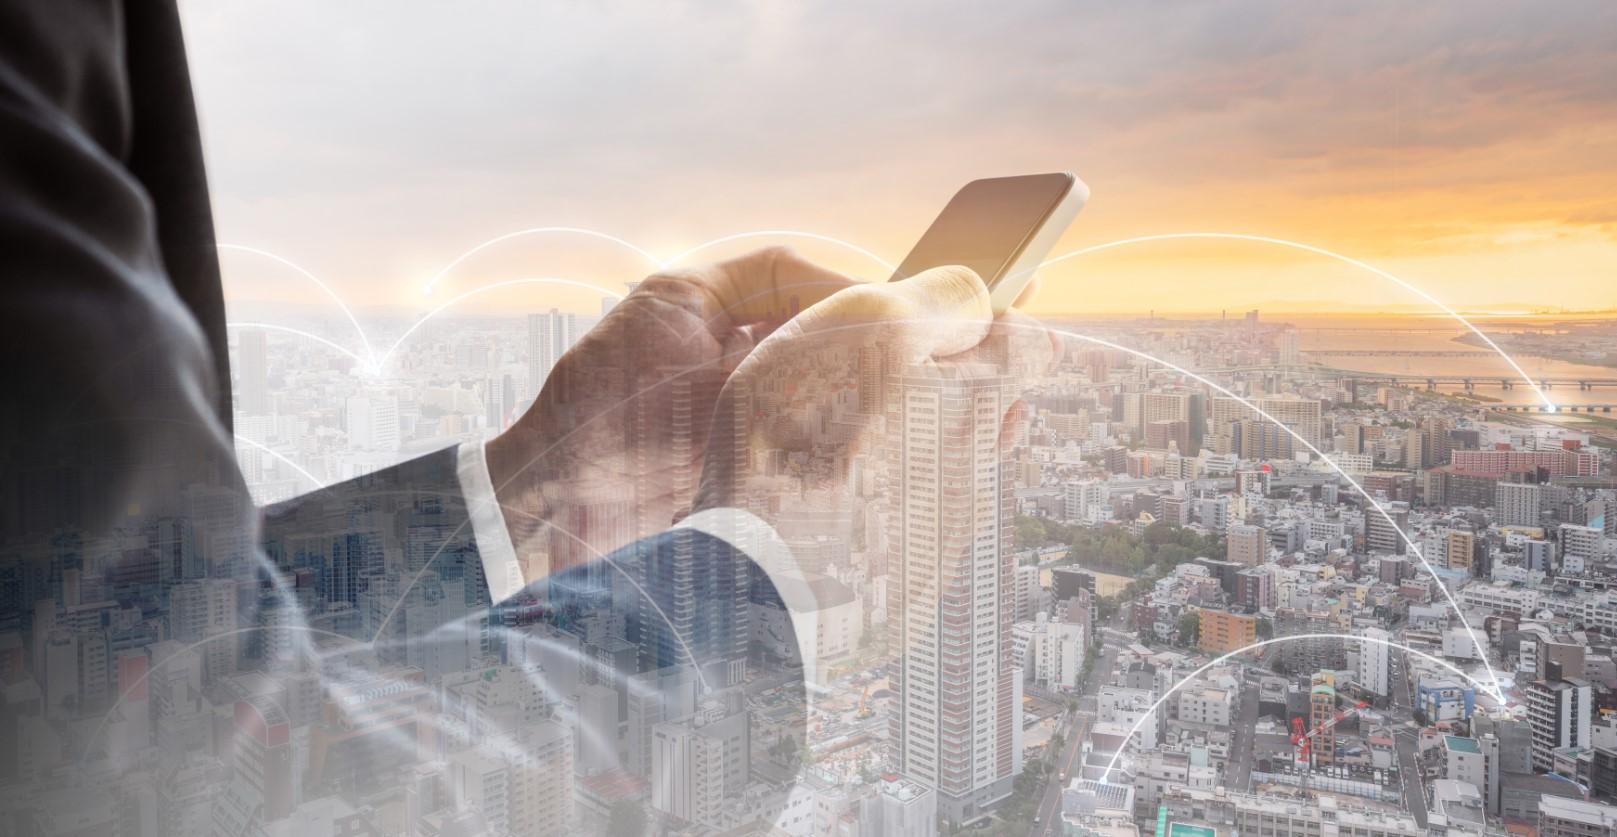 LEGIC Connect surpasses 7.5 million users